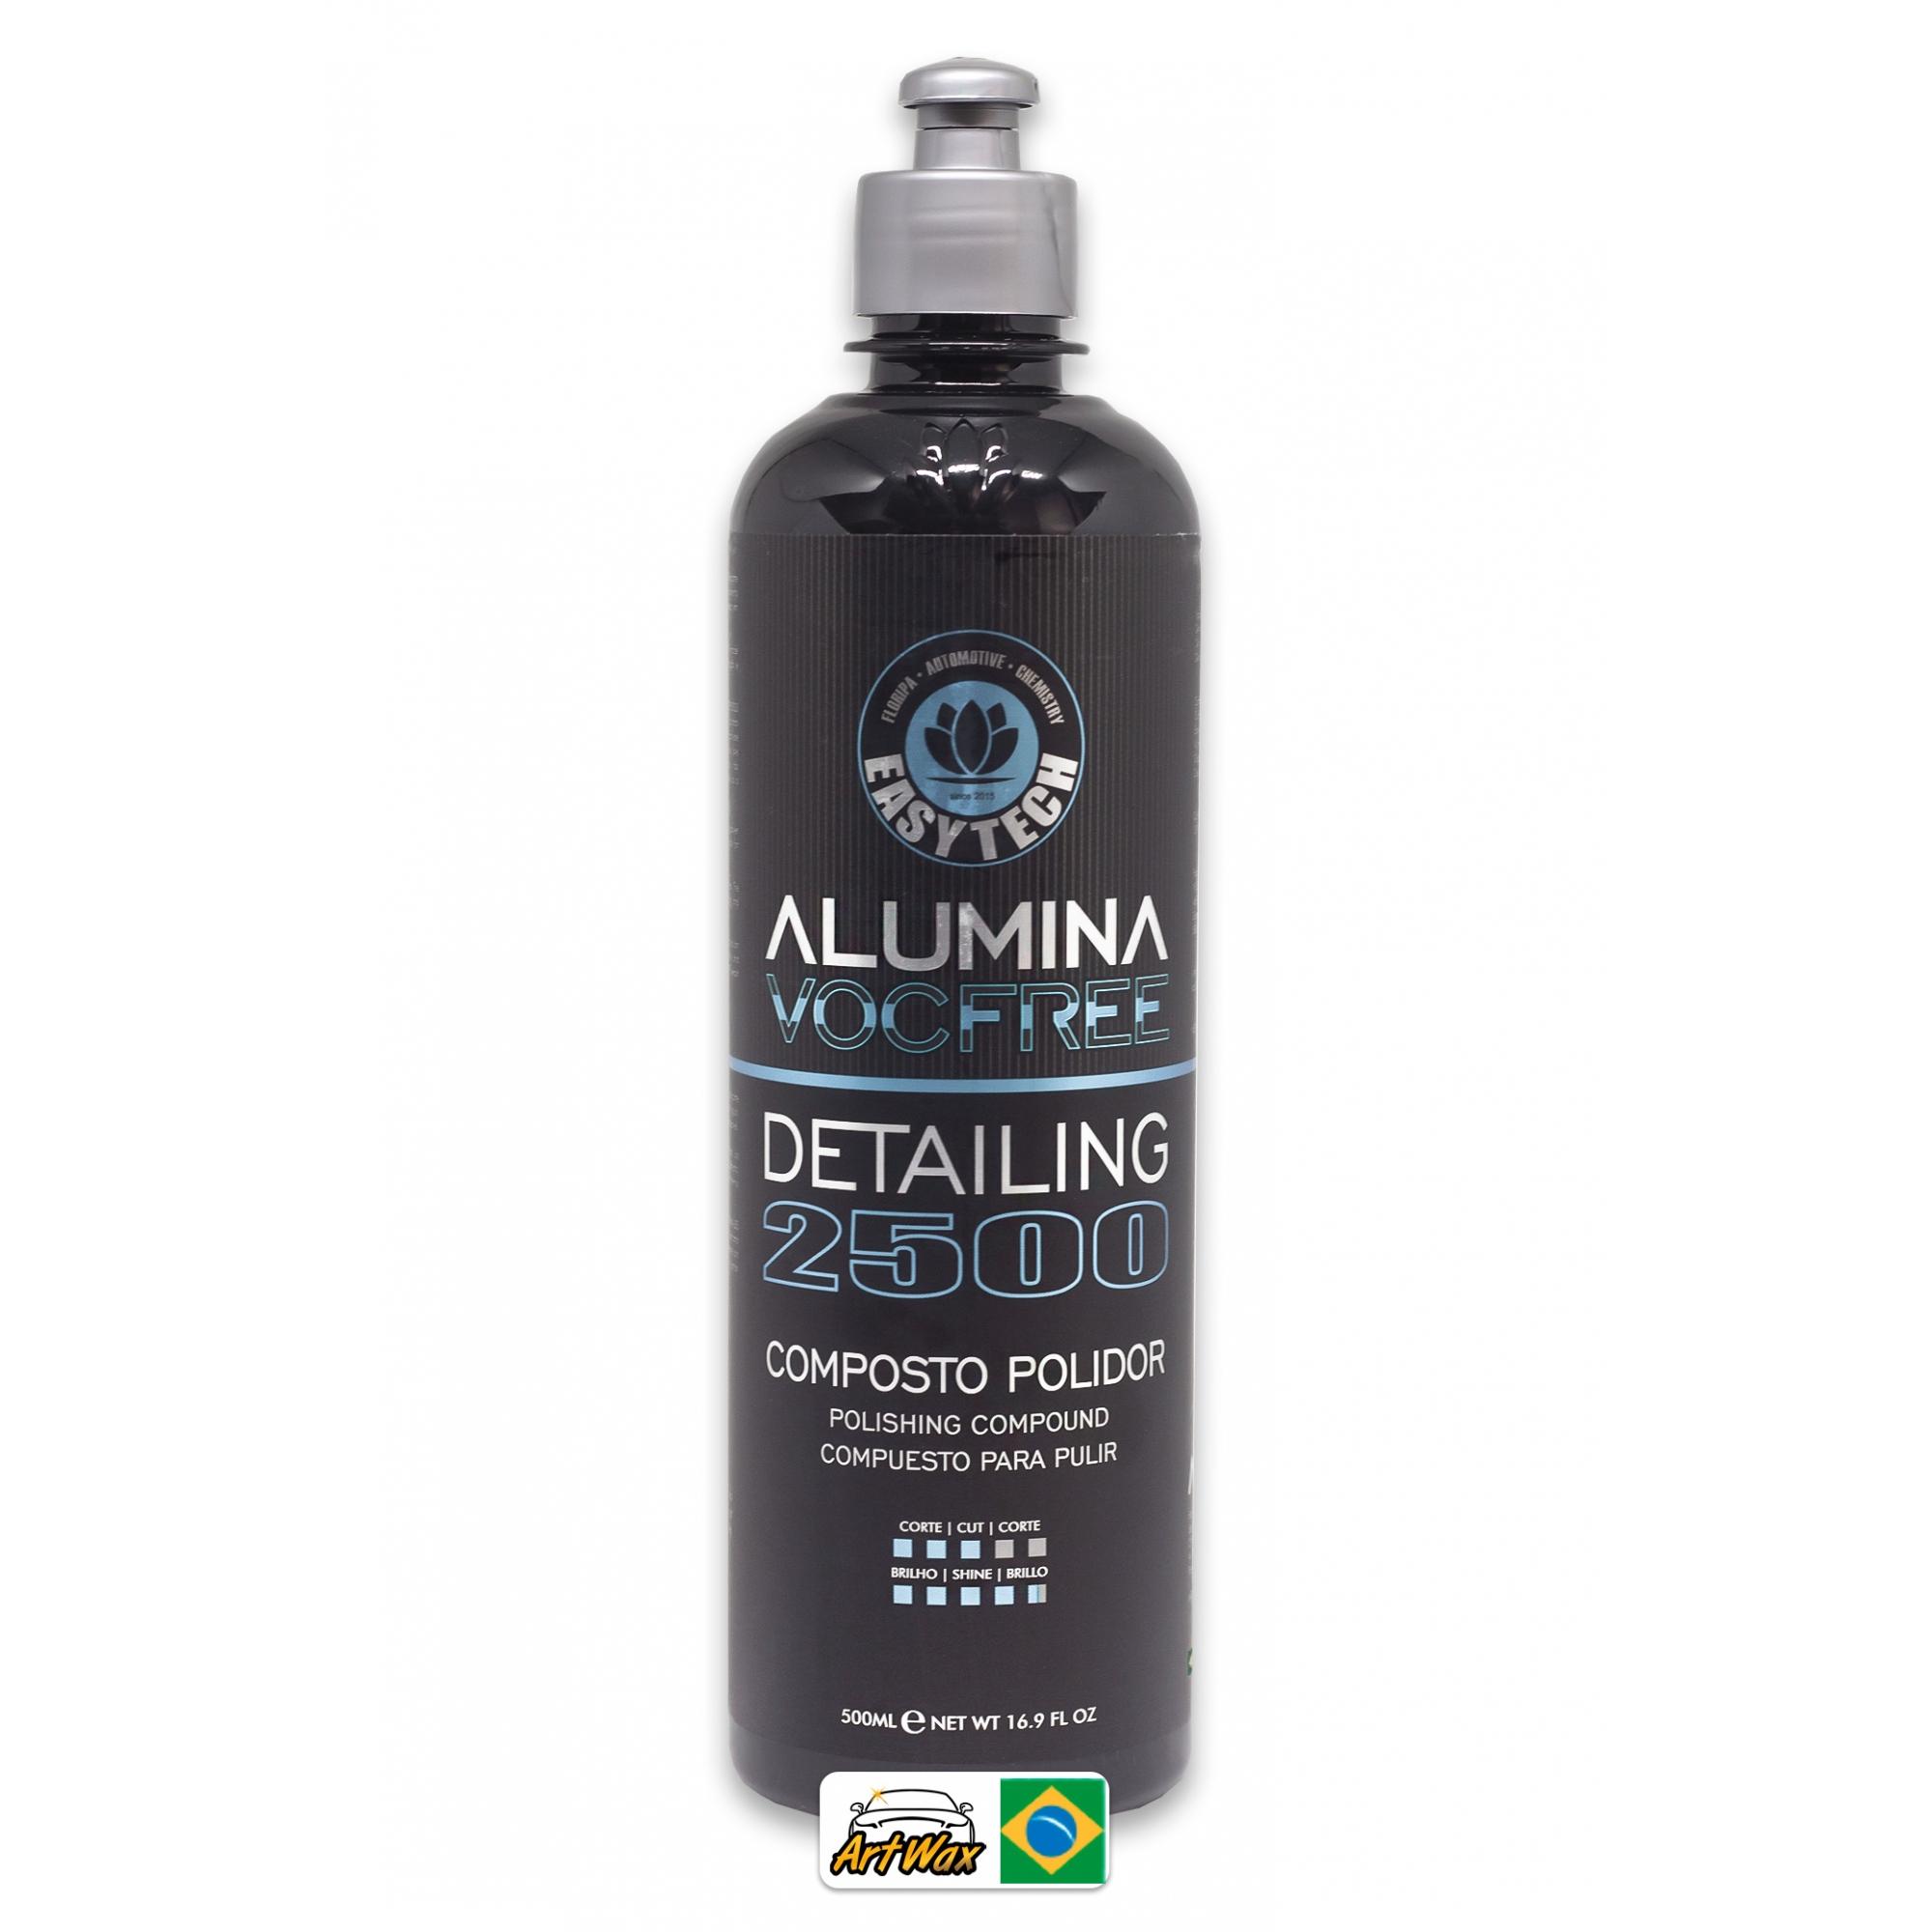 Easytech Alumina 2500 Detailing 500ml - Composto Polidor Refino